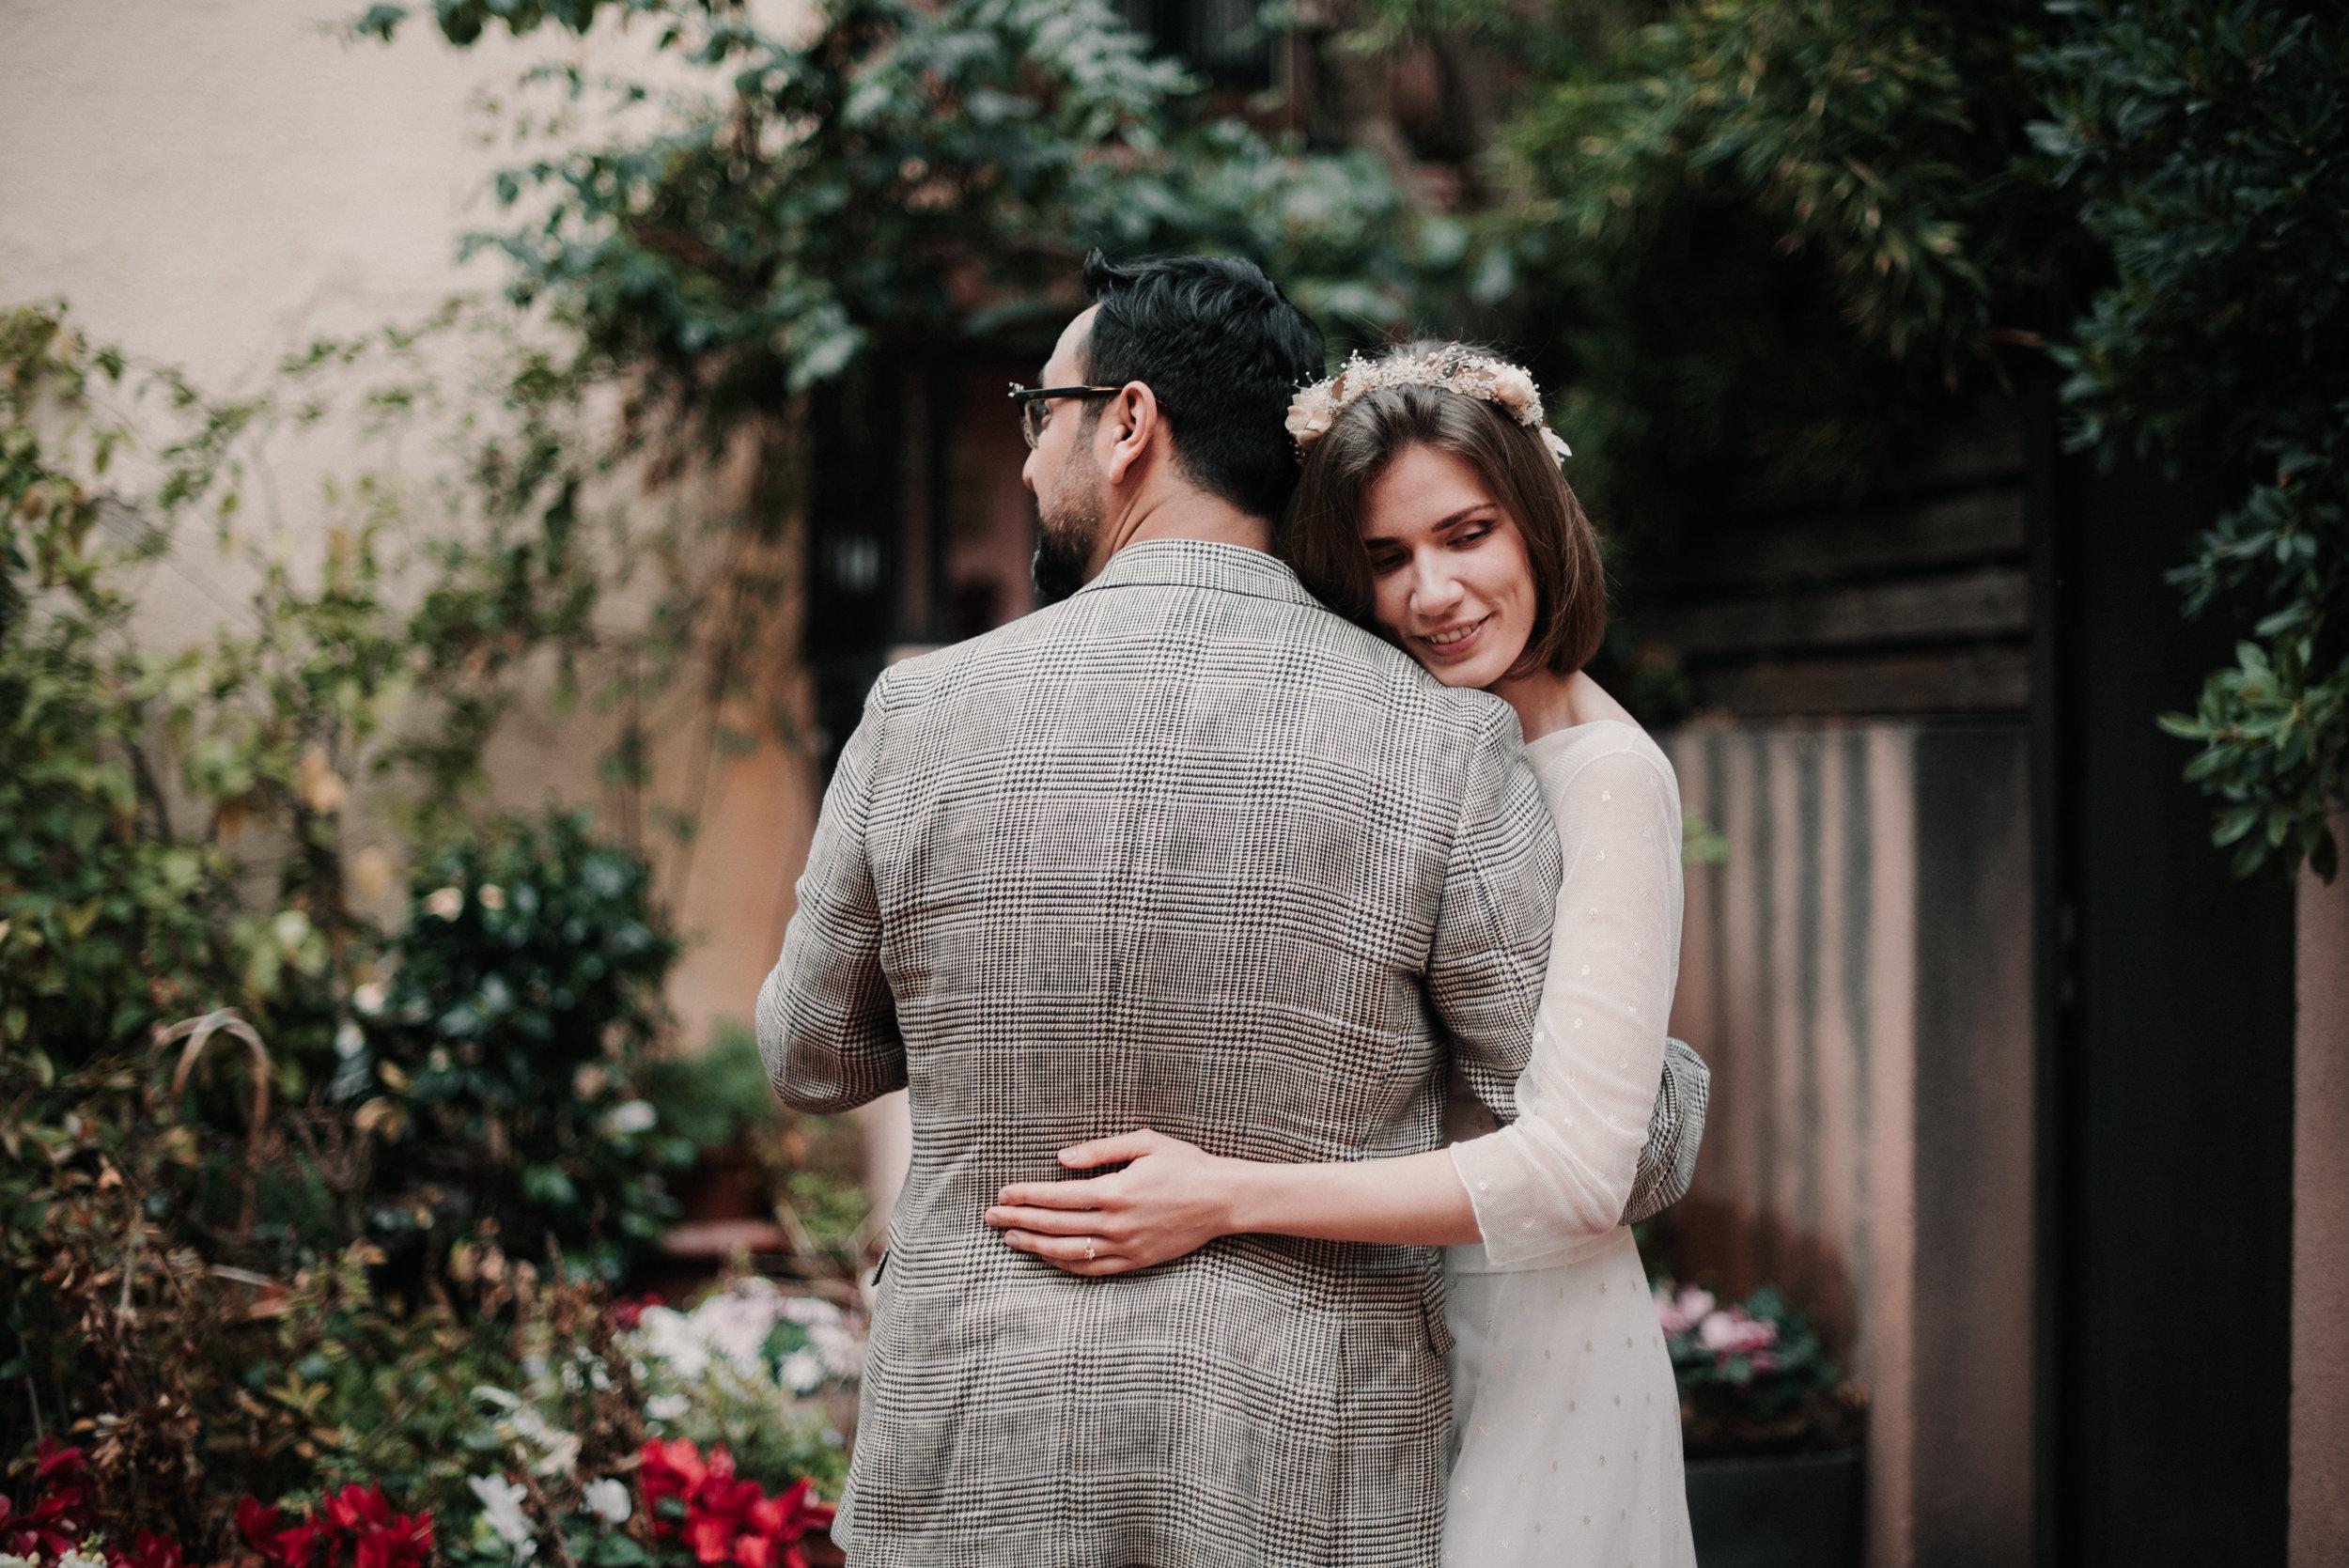 Léa-Fery-photographe-professionnel-lyon-rhone-alpes-portrait-creation-mariage-evenement-evenementiel-famille-4337.jpg